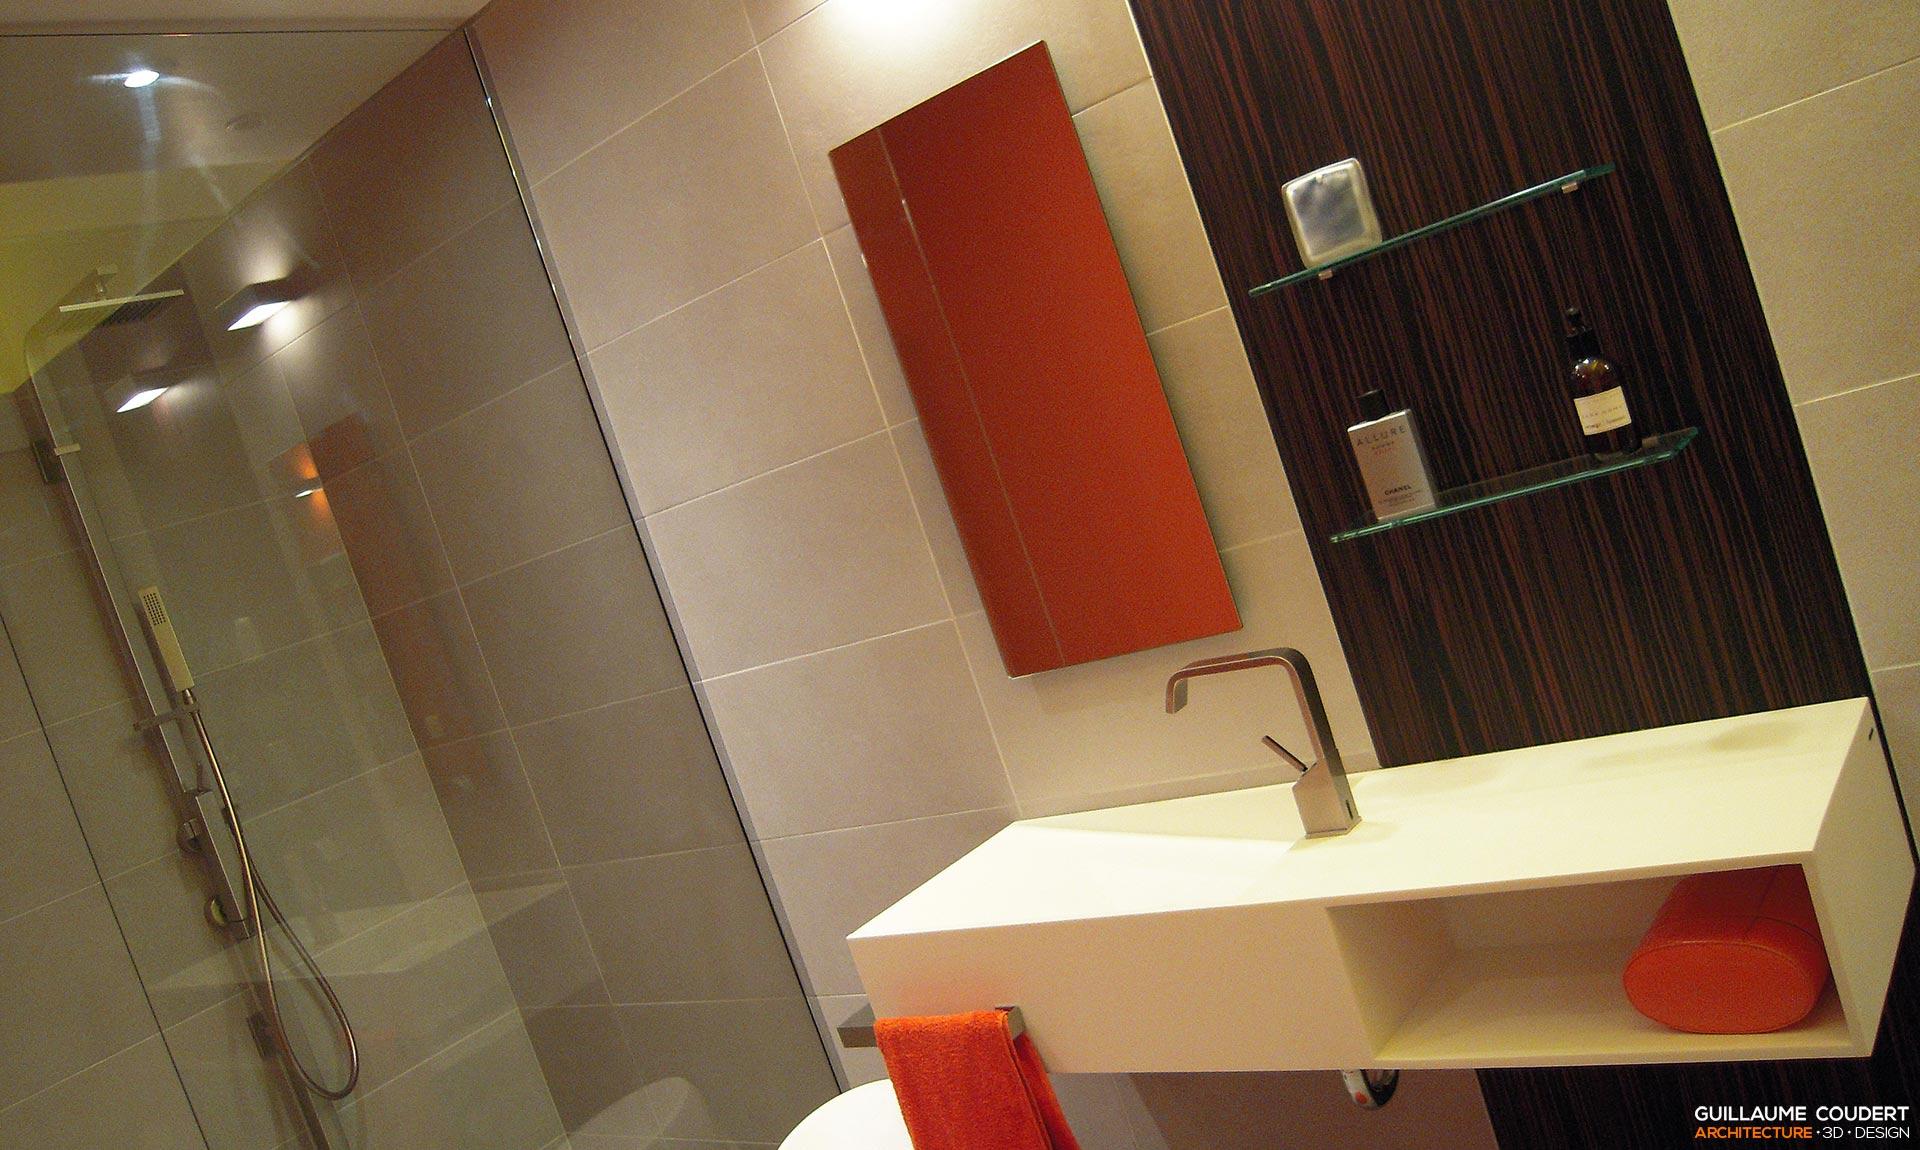 appartement ca01 lyon 69006 2 guillaume coudert architecture d 39 int rieur. Black Bedroom Furniture Sets. Home Design Ideas